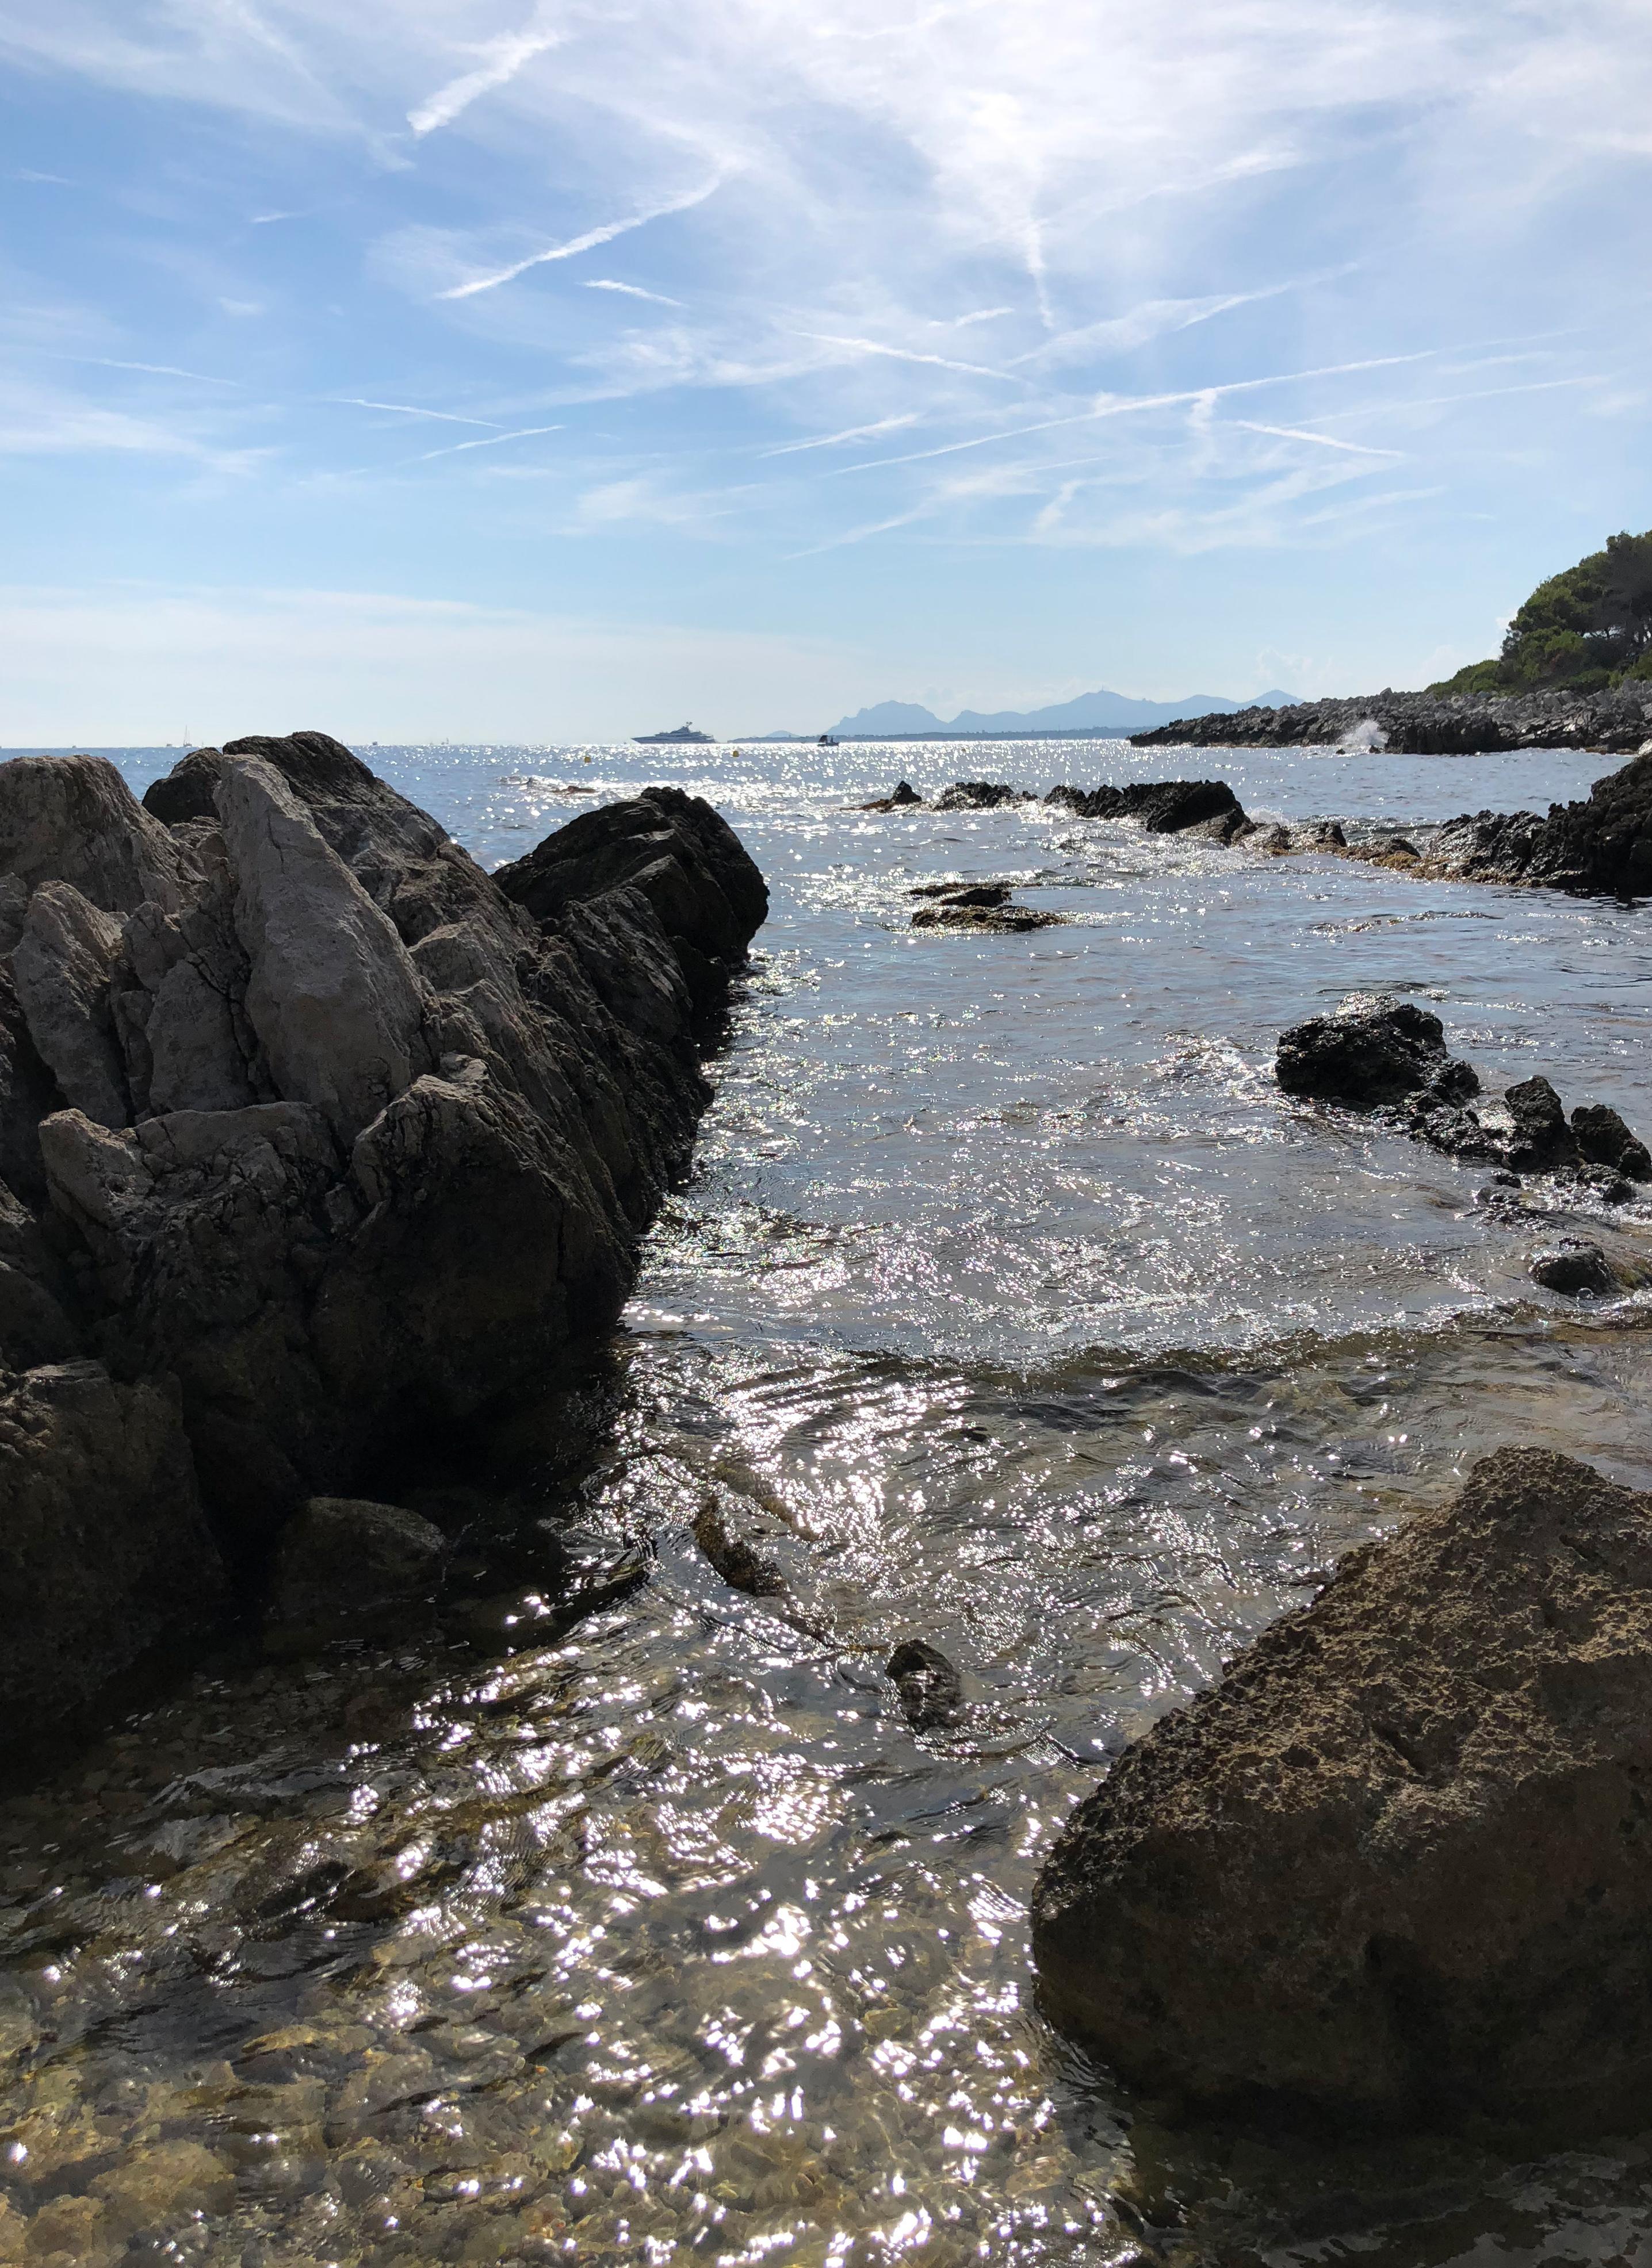 Baignade Cap d'Antibes